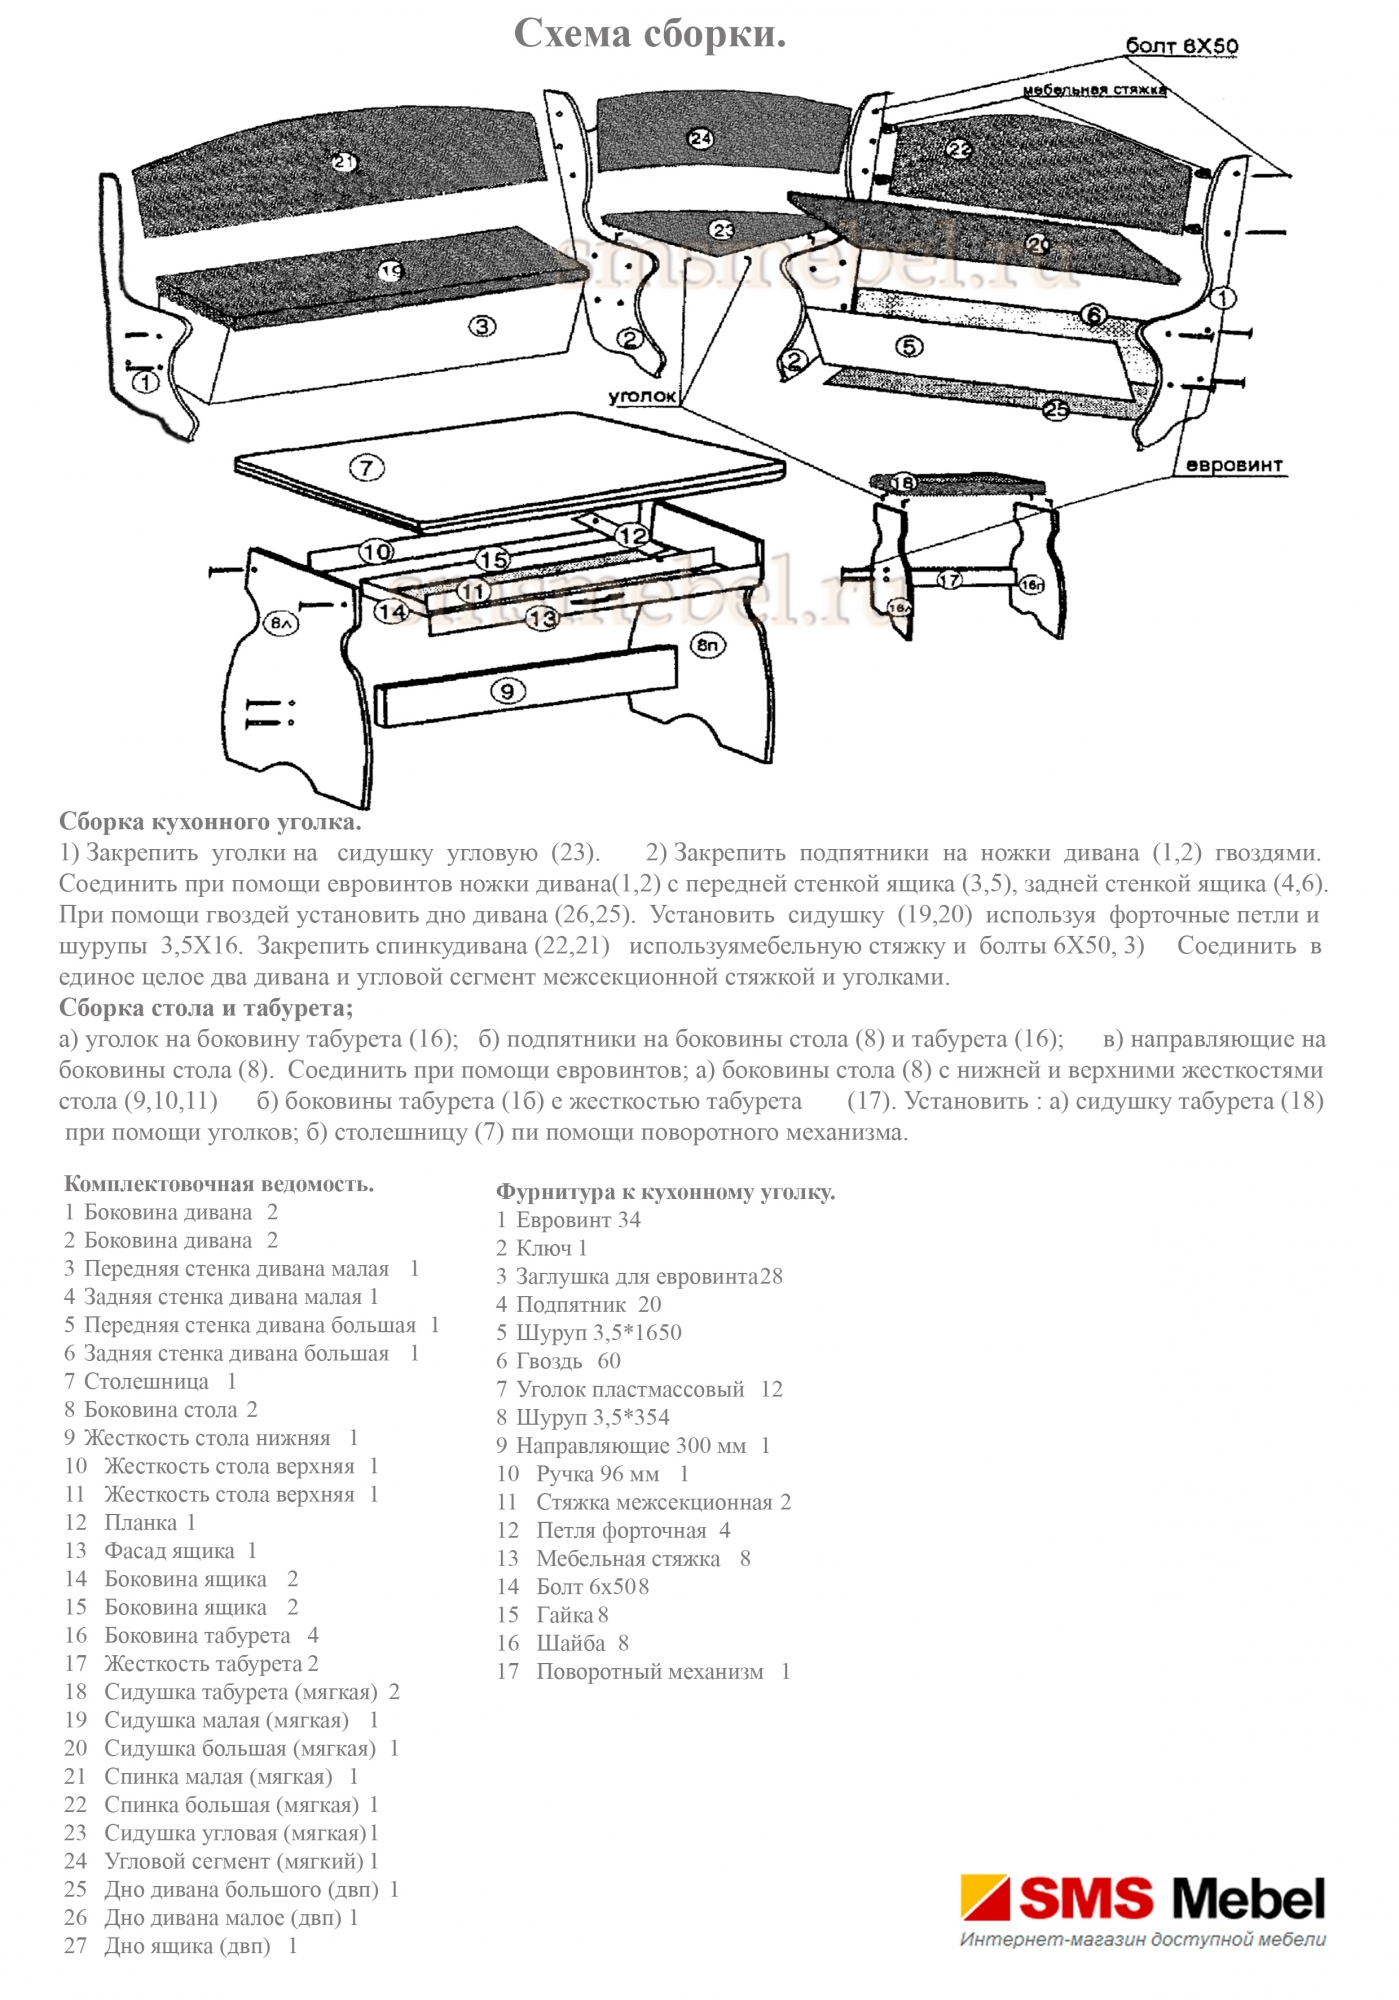 Инструкция по сборке кухонный уголок